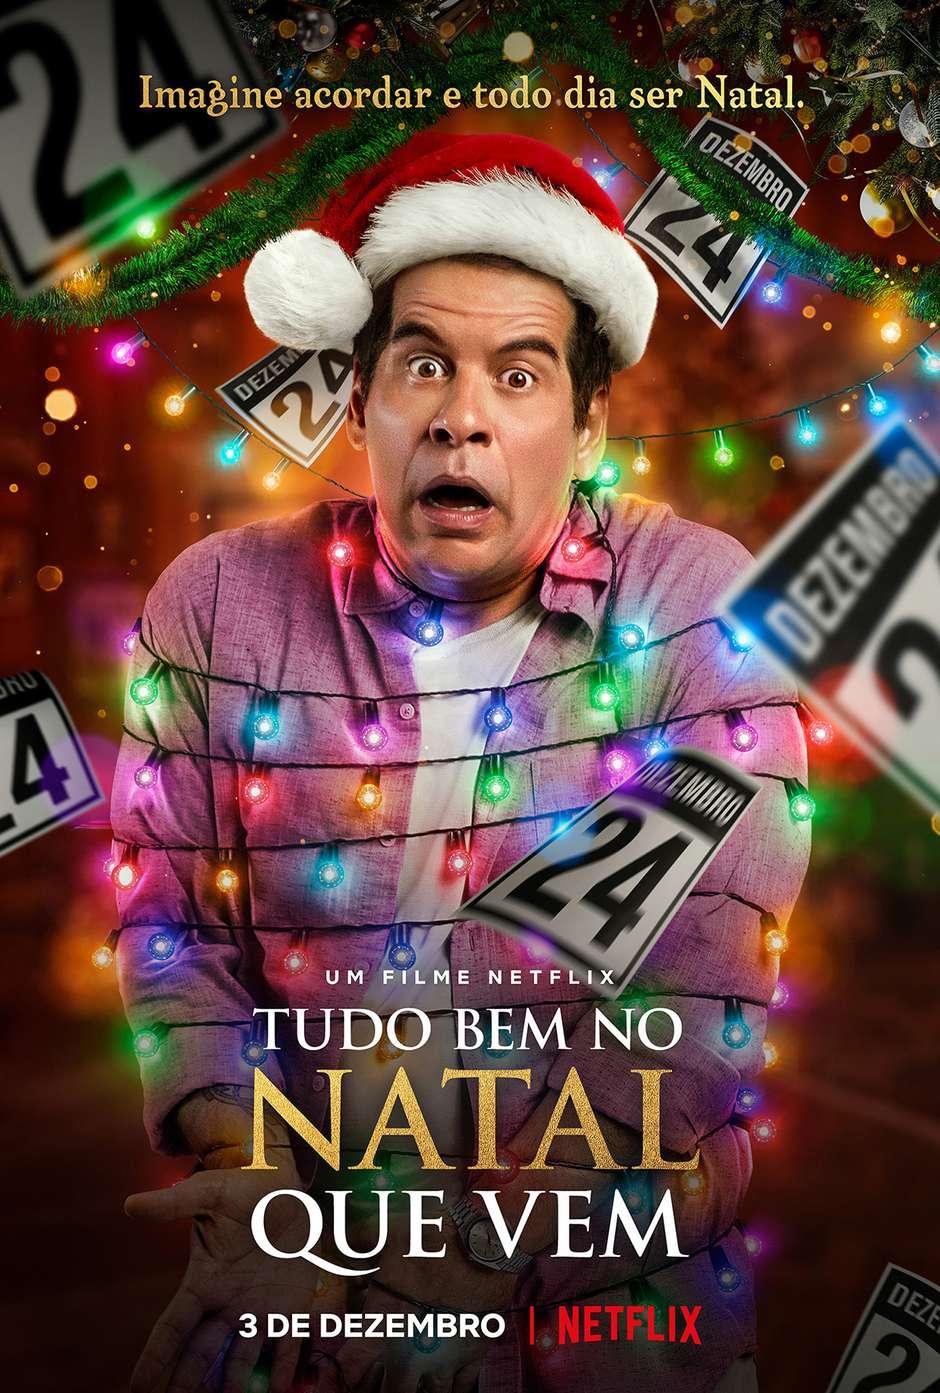 Just Another Christmas (Tudo Bem No Natal Que Vem)